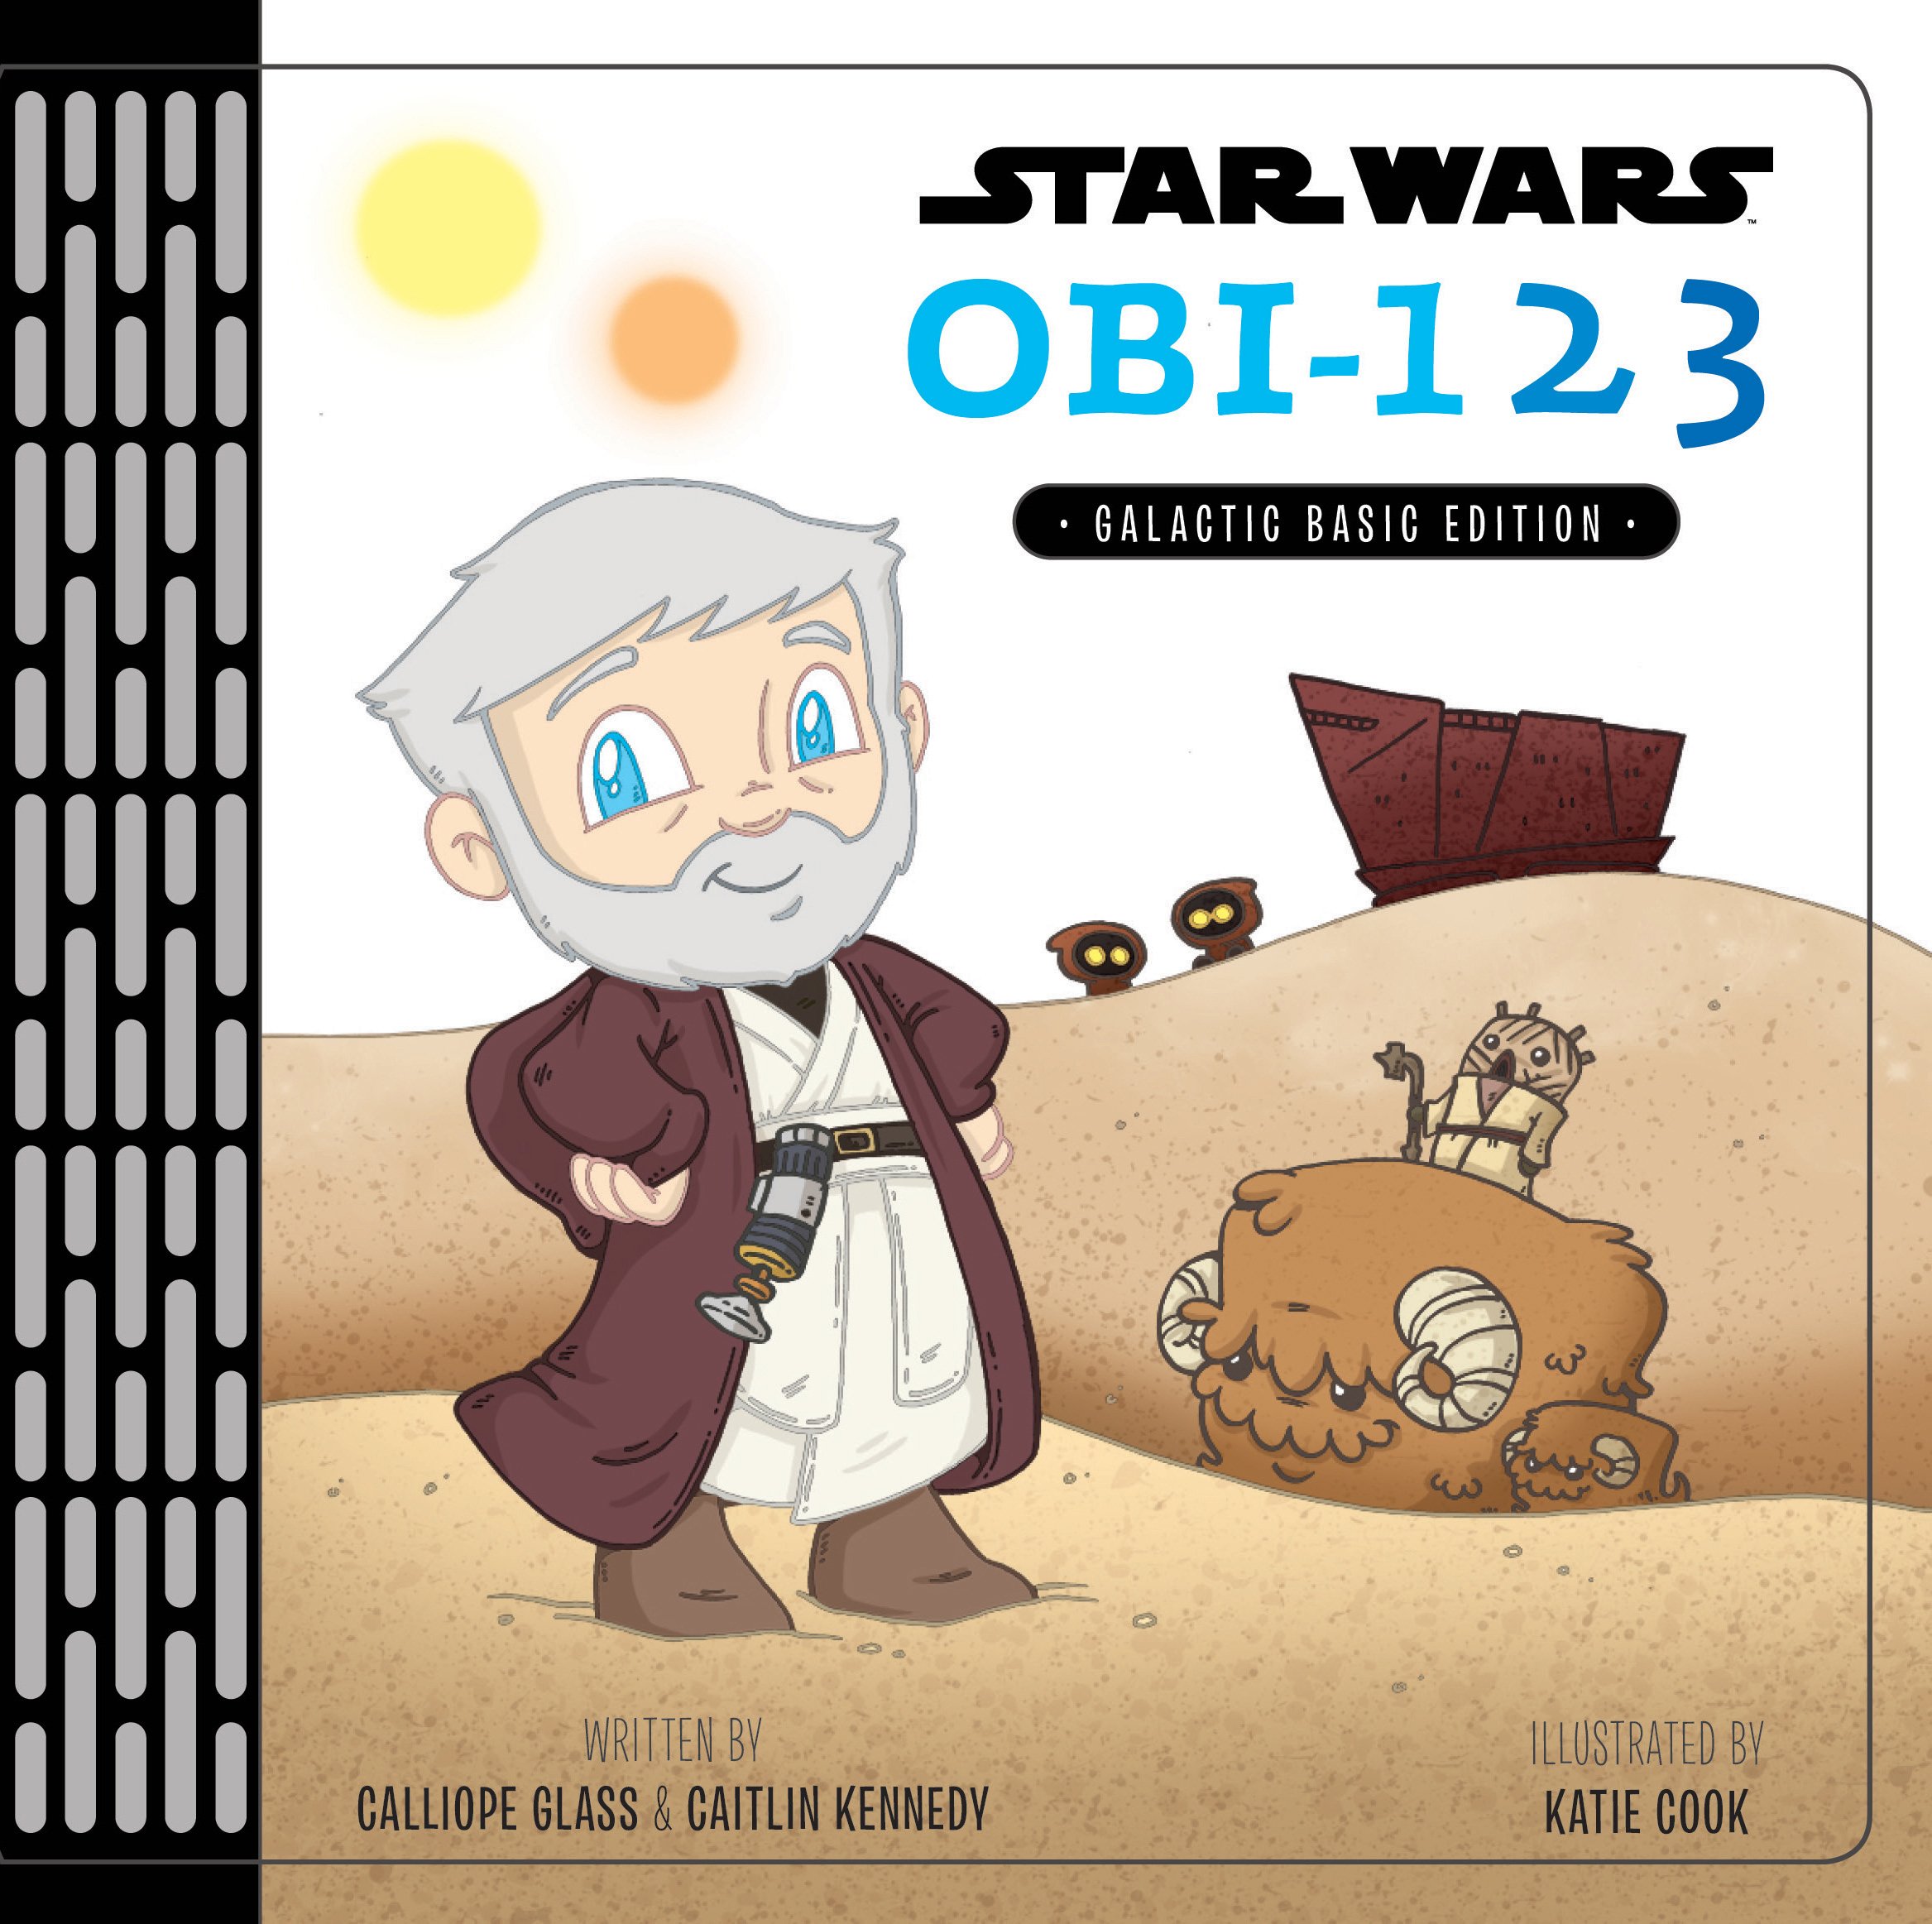 Star Wars: OBI-123